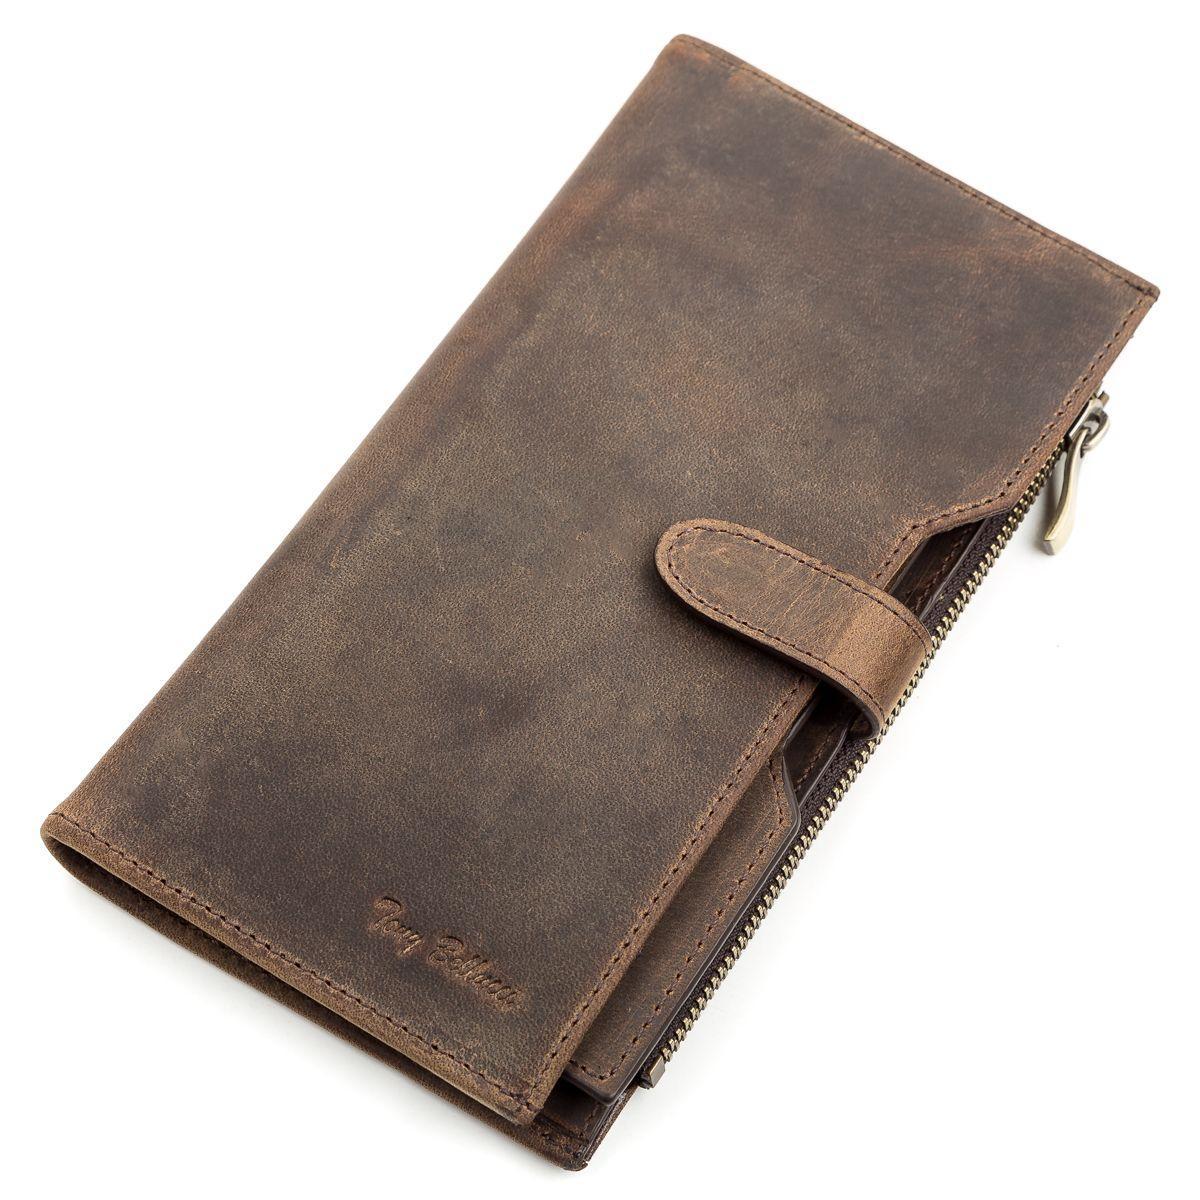 Кошелек мужской Tony Bellucci 17211 кожаный Коричневый